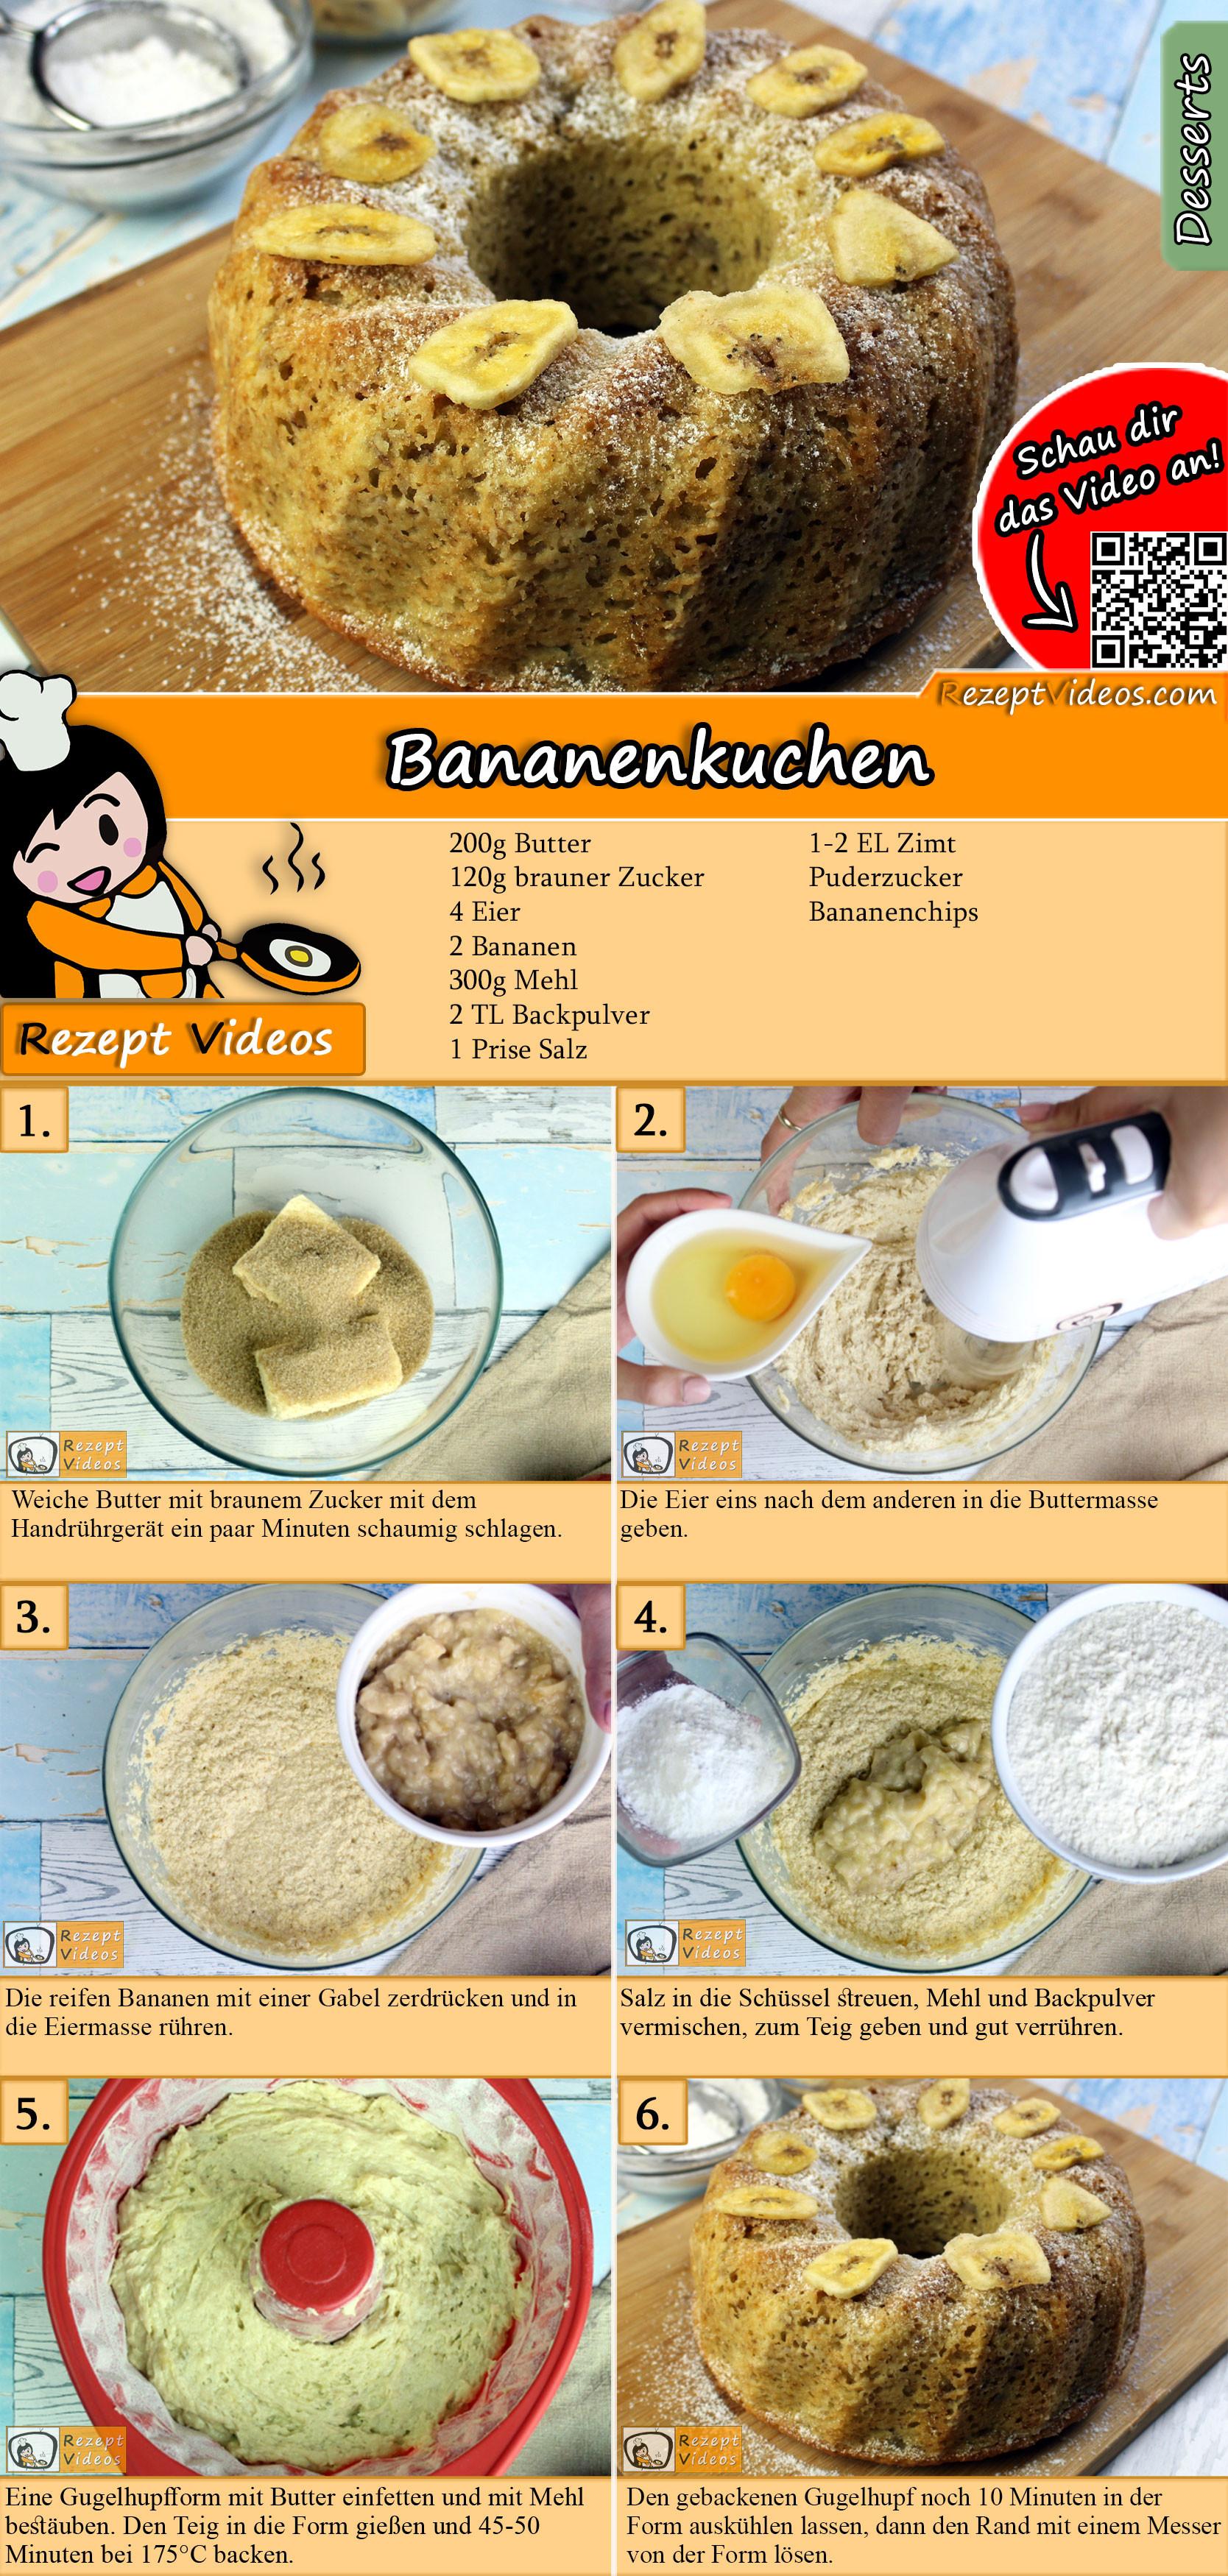 Bananenkuchen Rezept mit Video